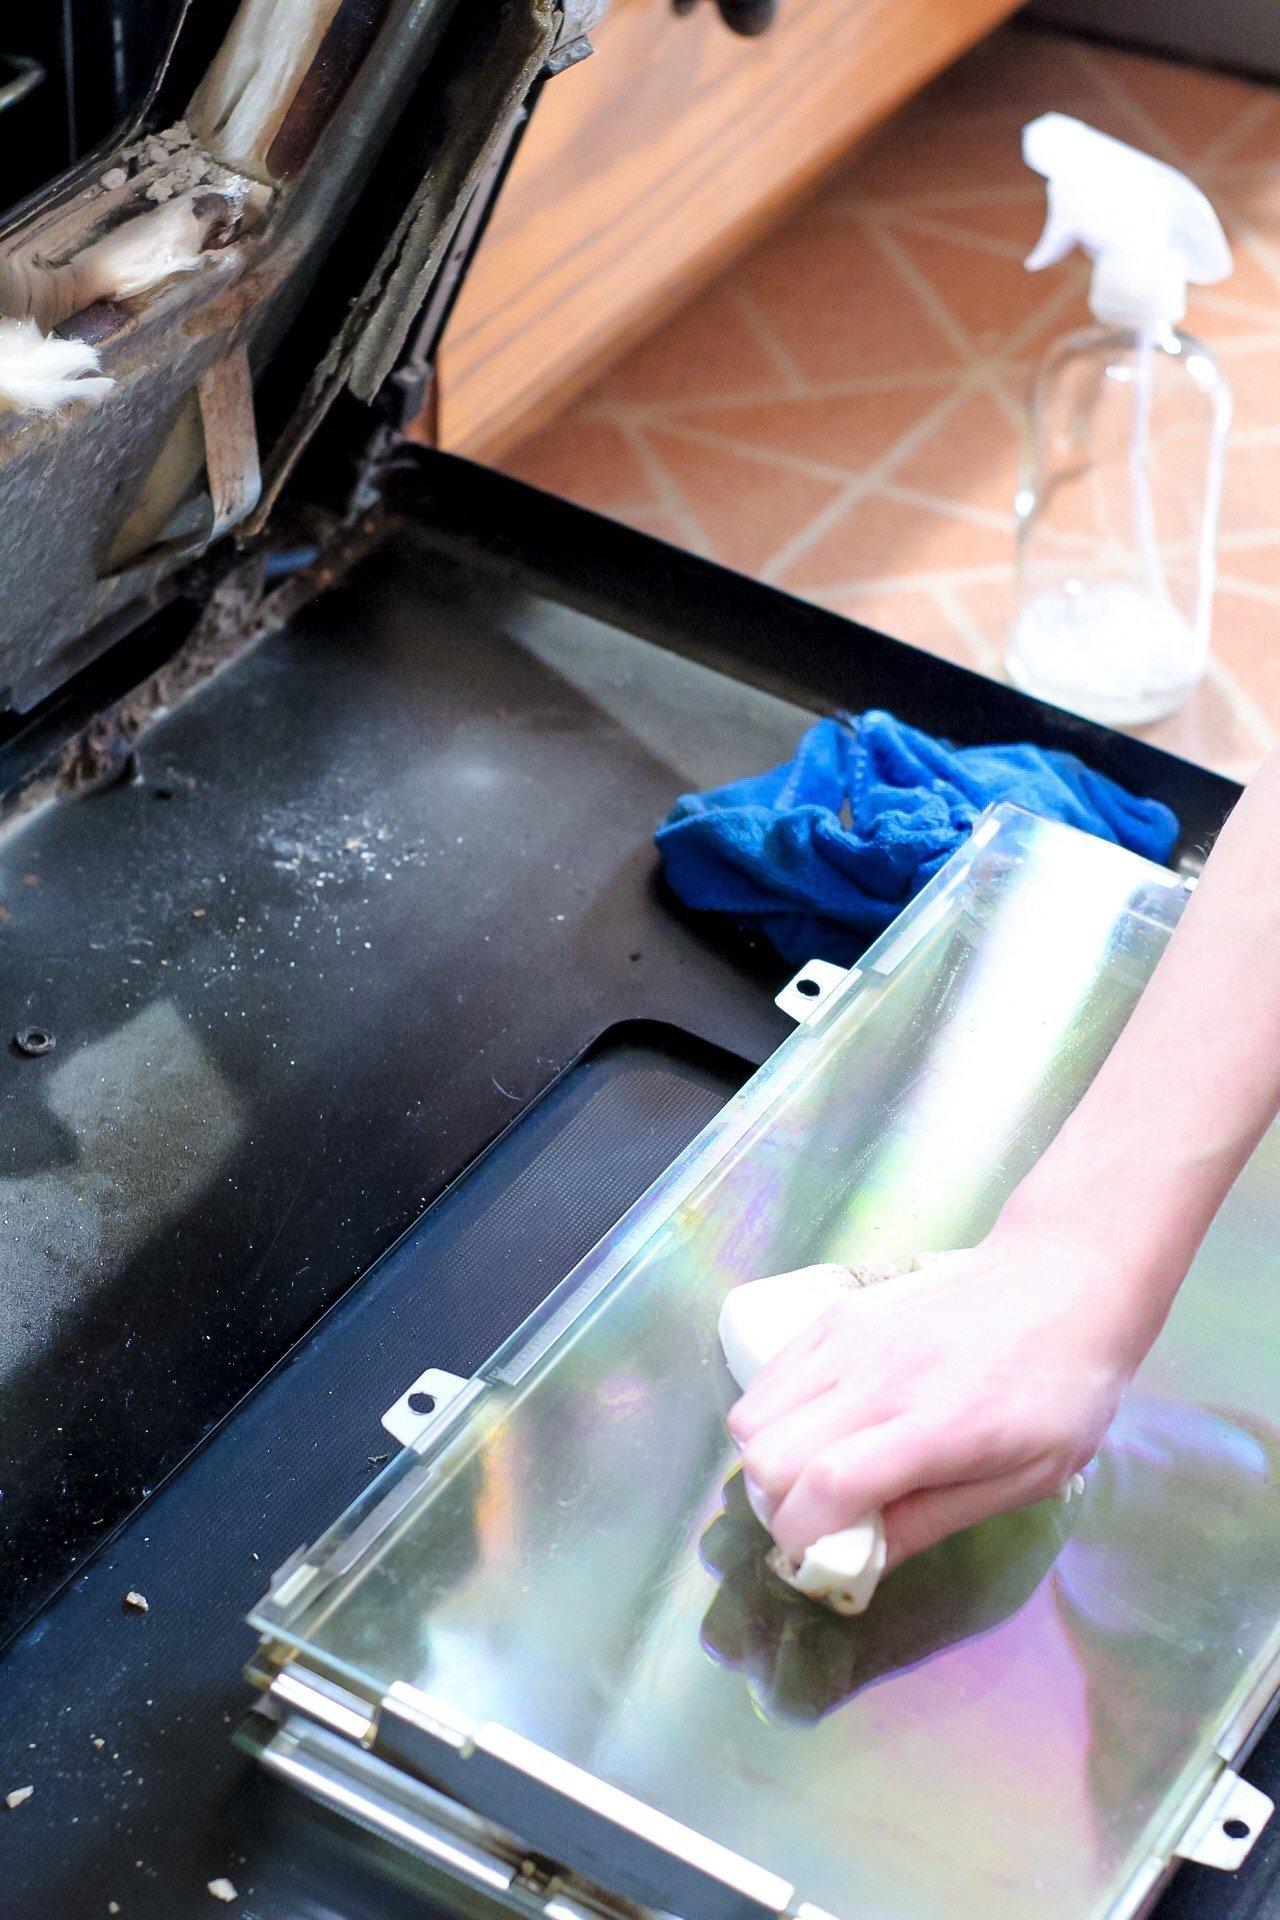 how to clean oven door between glass